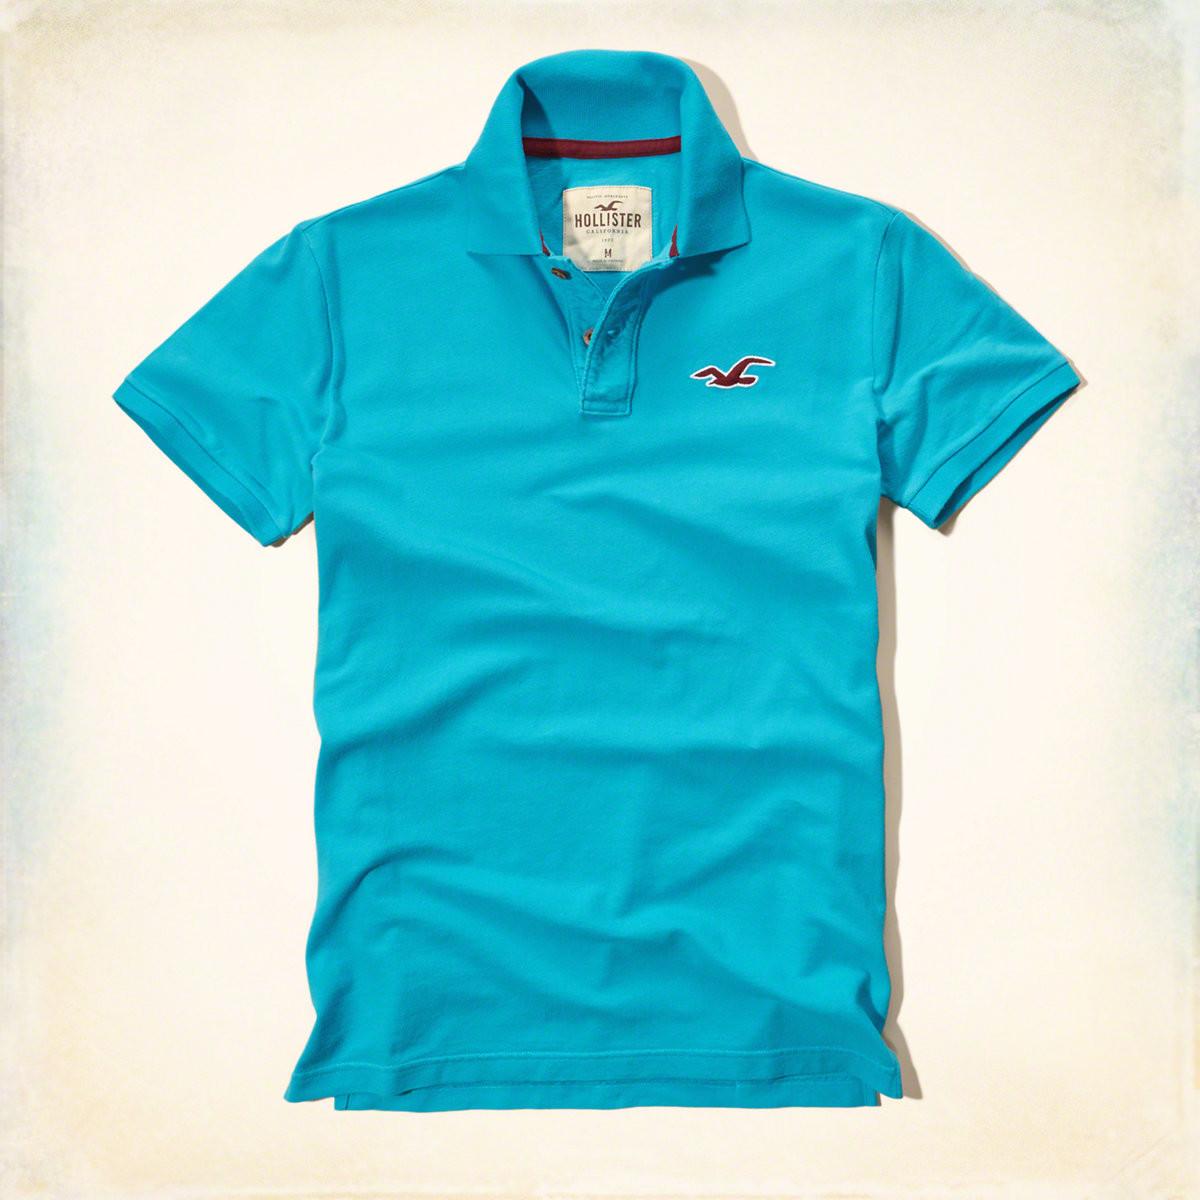 Мужская футболка поло Hollister цвет  синий арт  8787 купить в ... 350bfa9601b